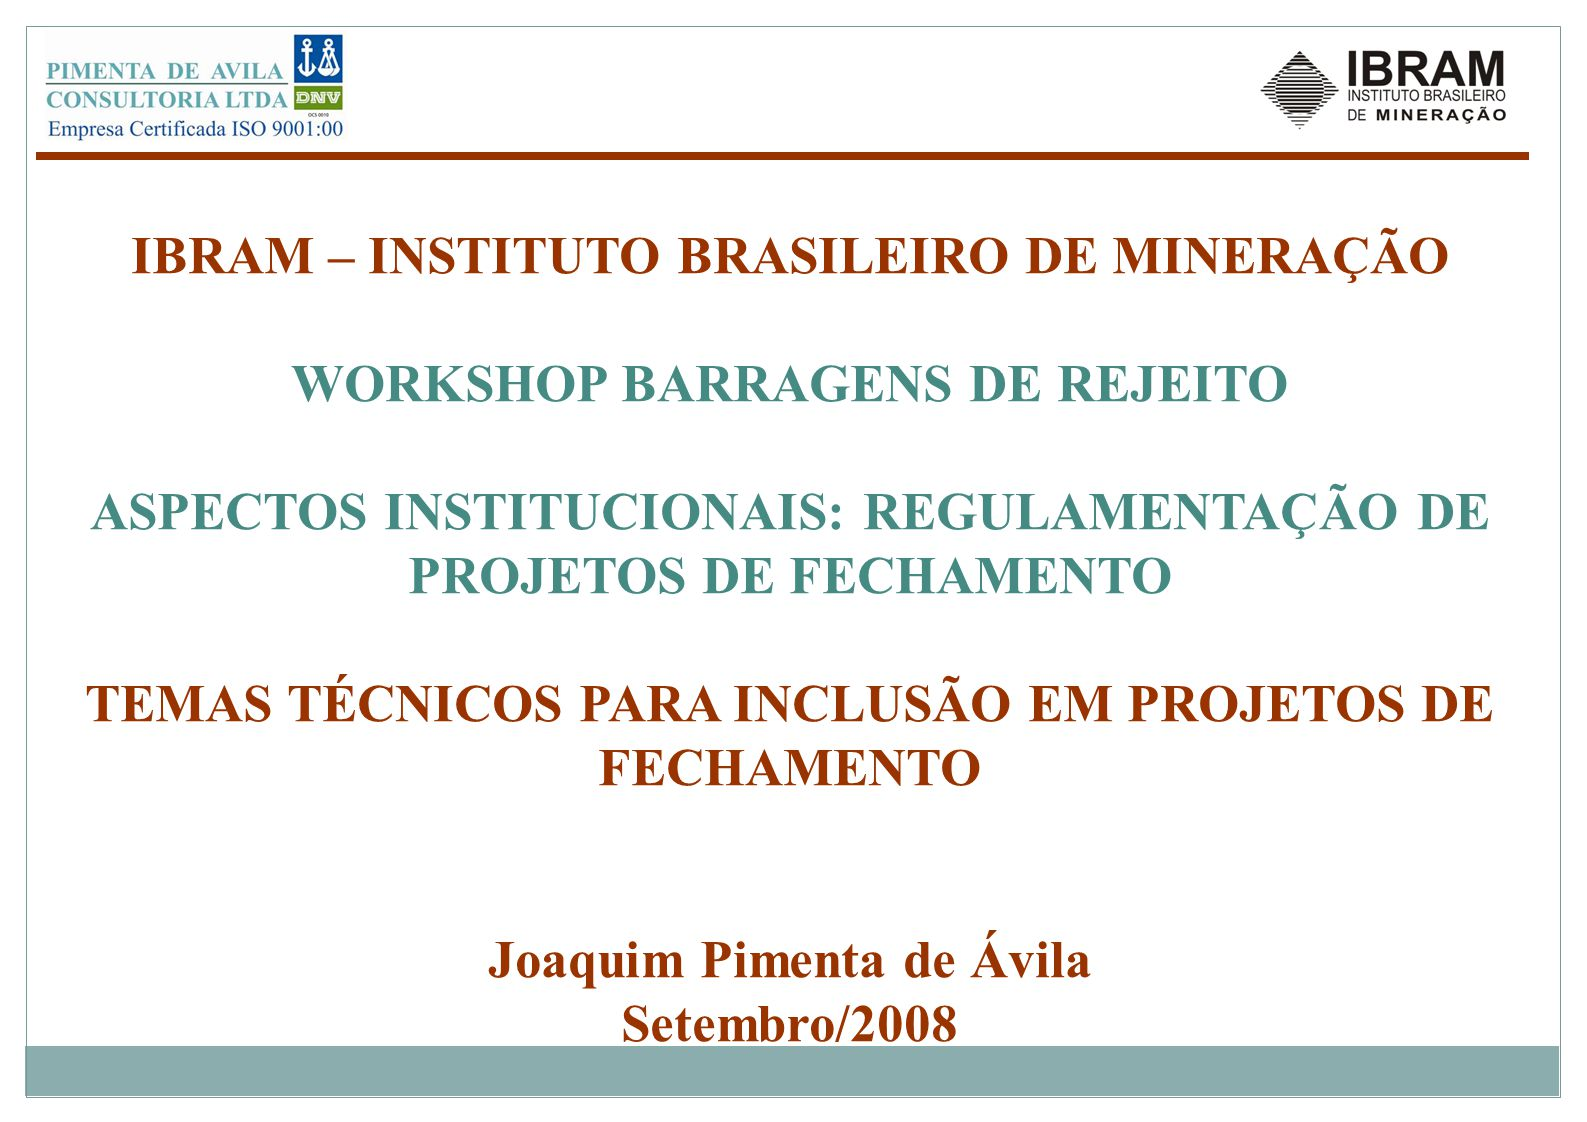 IBRAM – INSTITUTO BRASILEIRO DE MINERAÇÃO